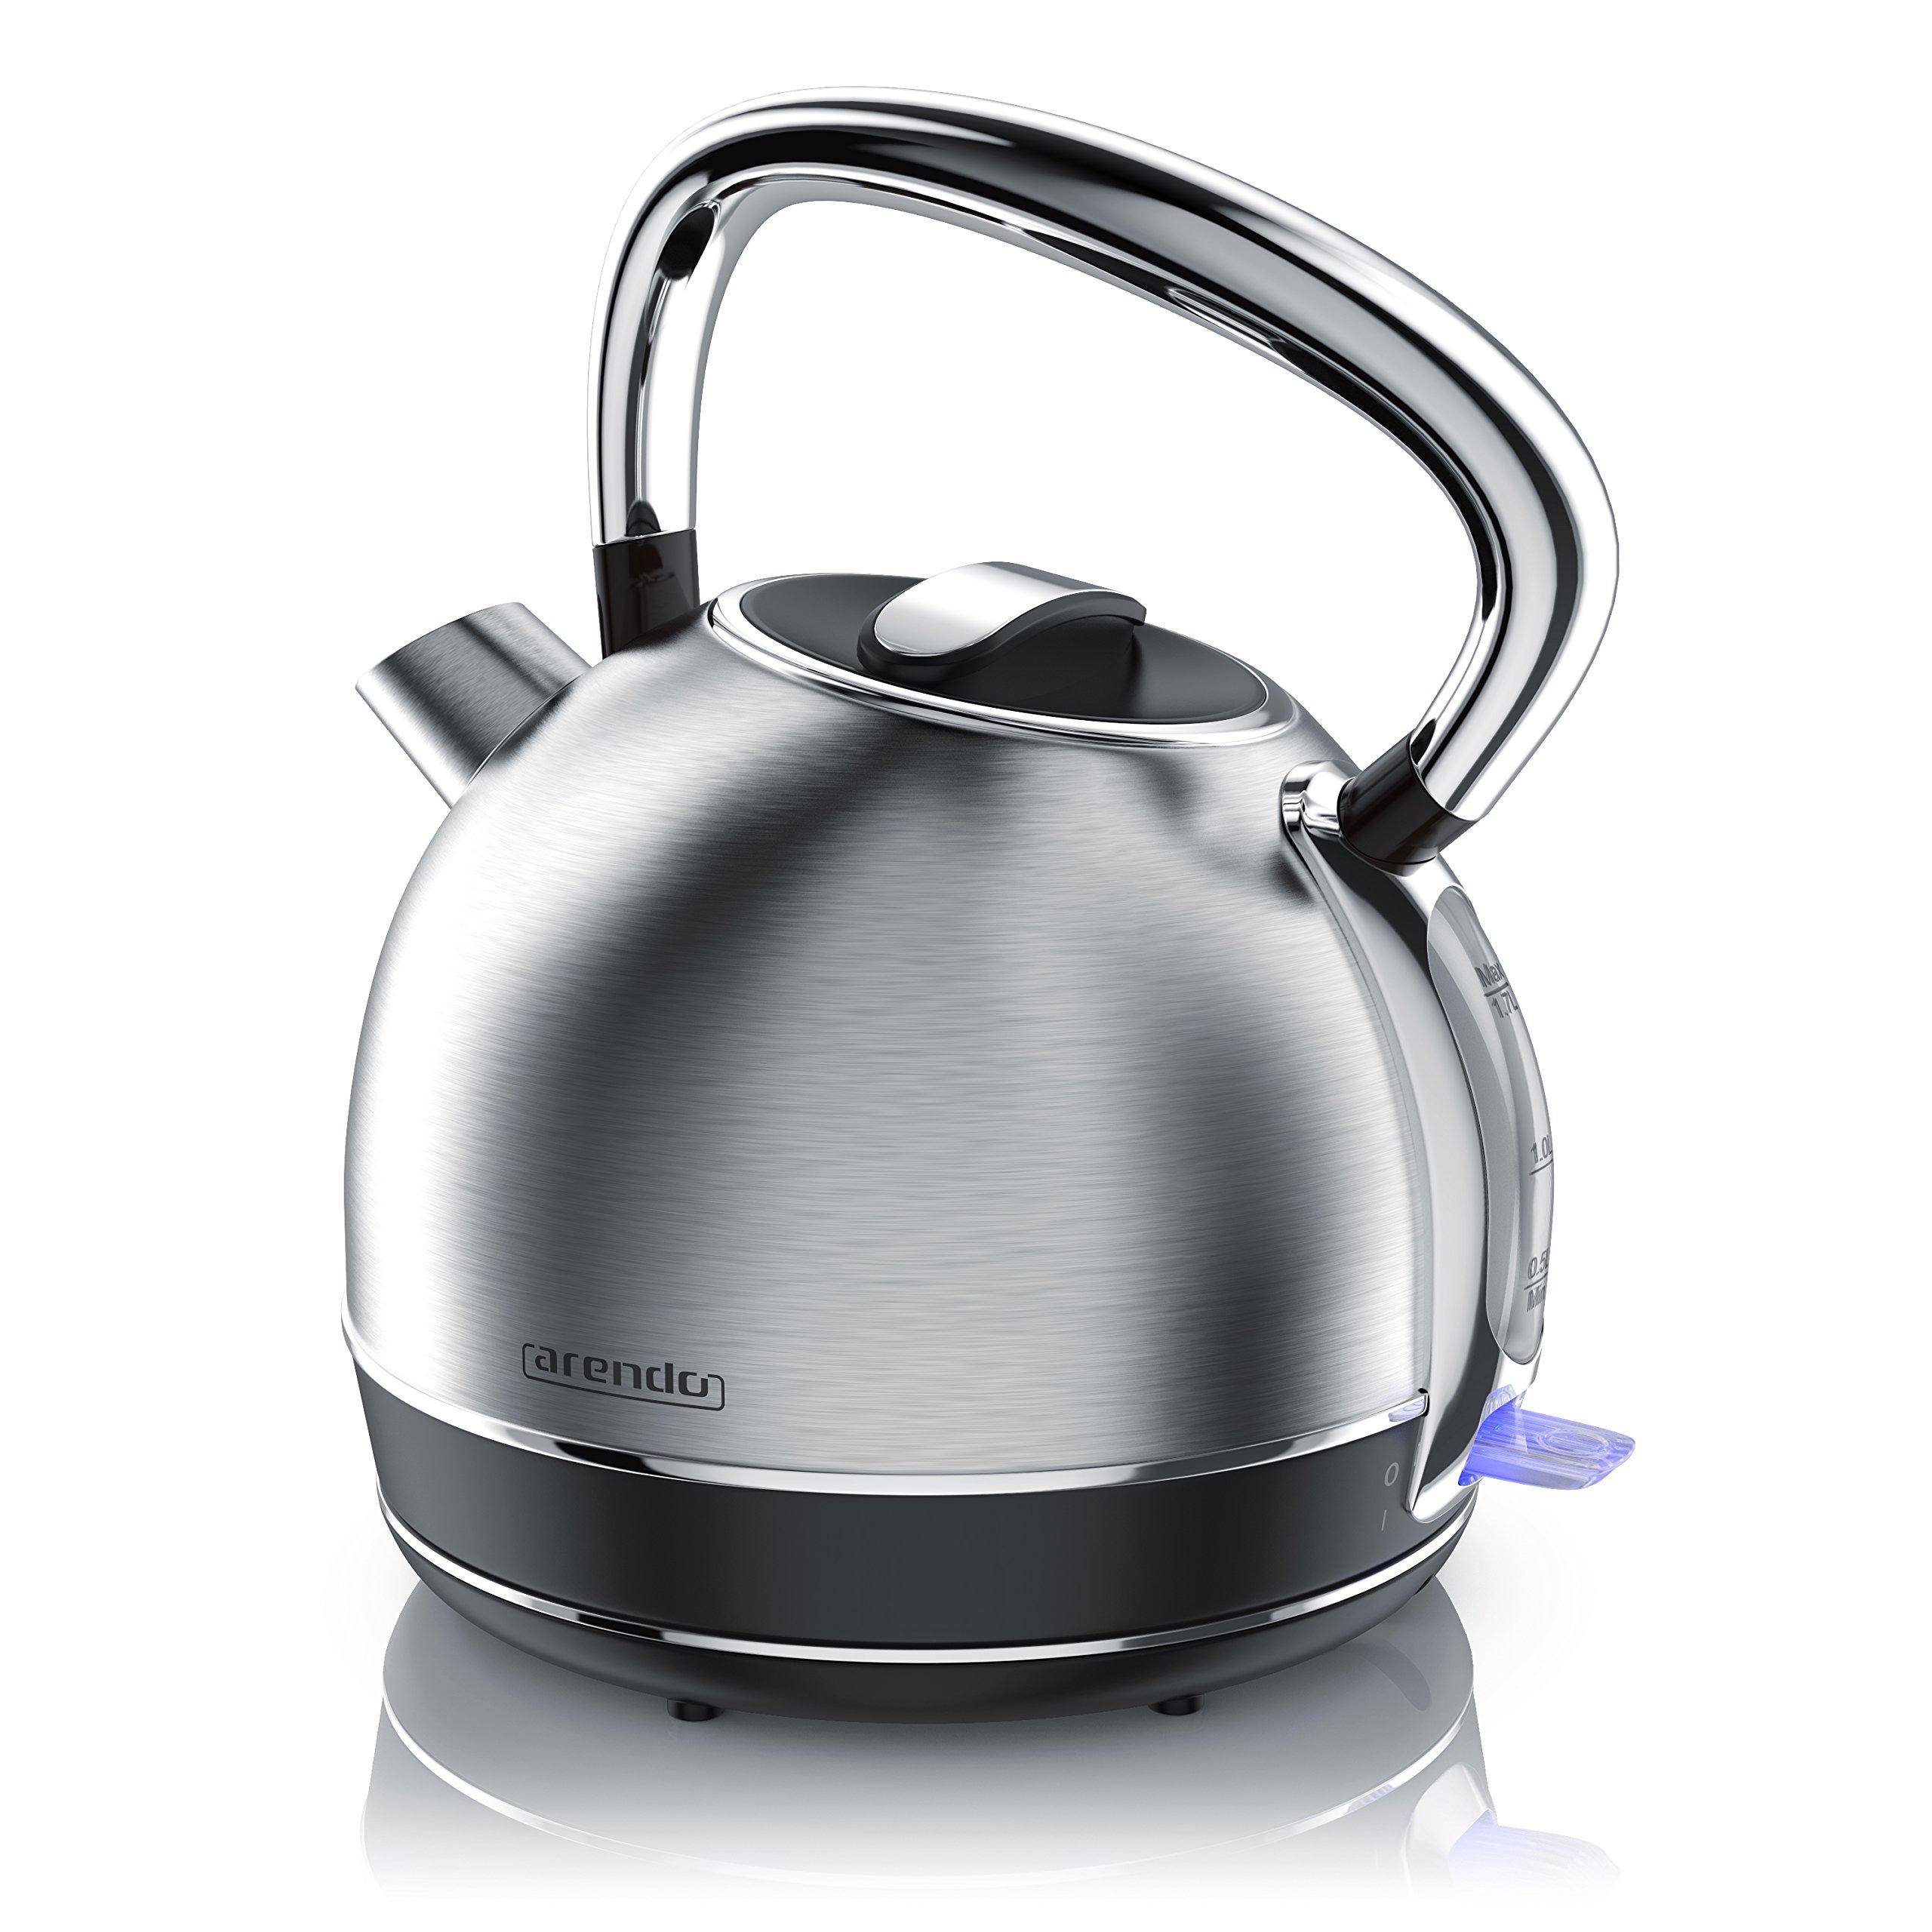 Arendo-Retro-Edelstahl-WasserkocherTeekessel-im-Vintage-Style-max-2200-Watt-austauschbarer-Kalkfilter-Fllmenge-max-17-Liter-automatische-Abschaltung-Silber-Edelstahl-gebrstet